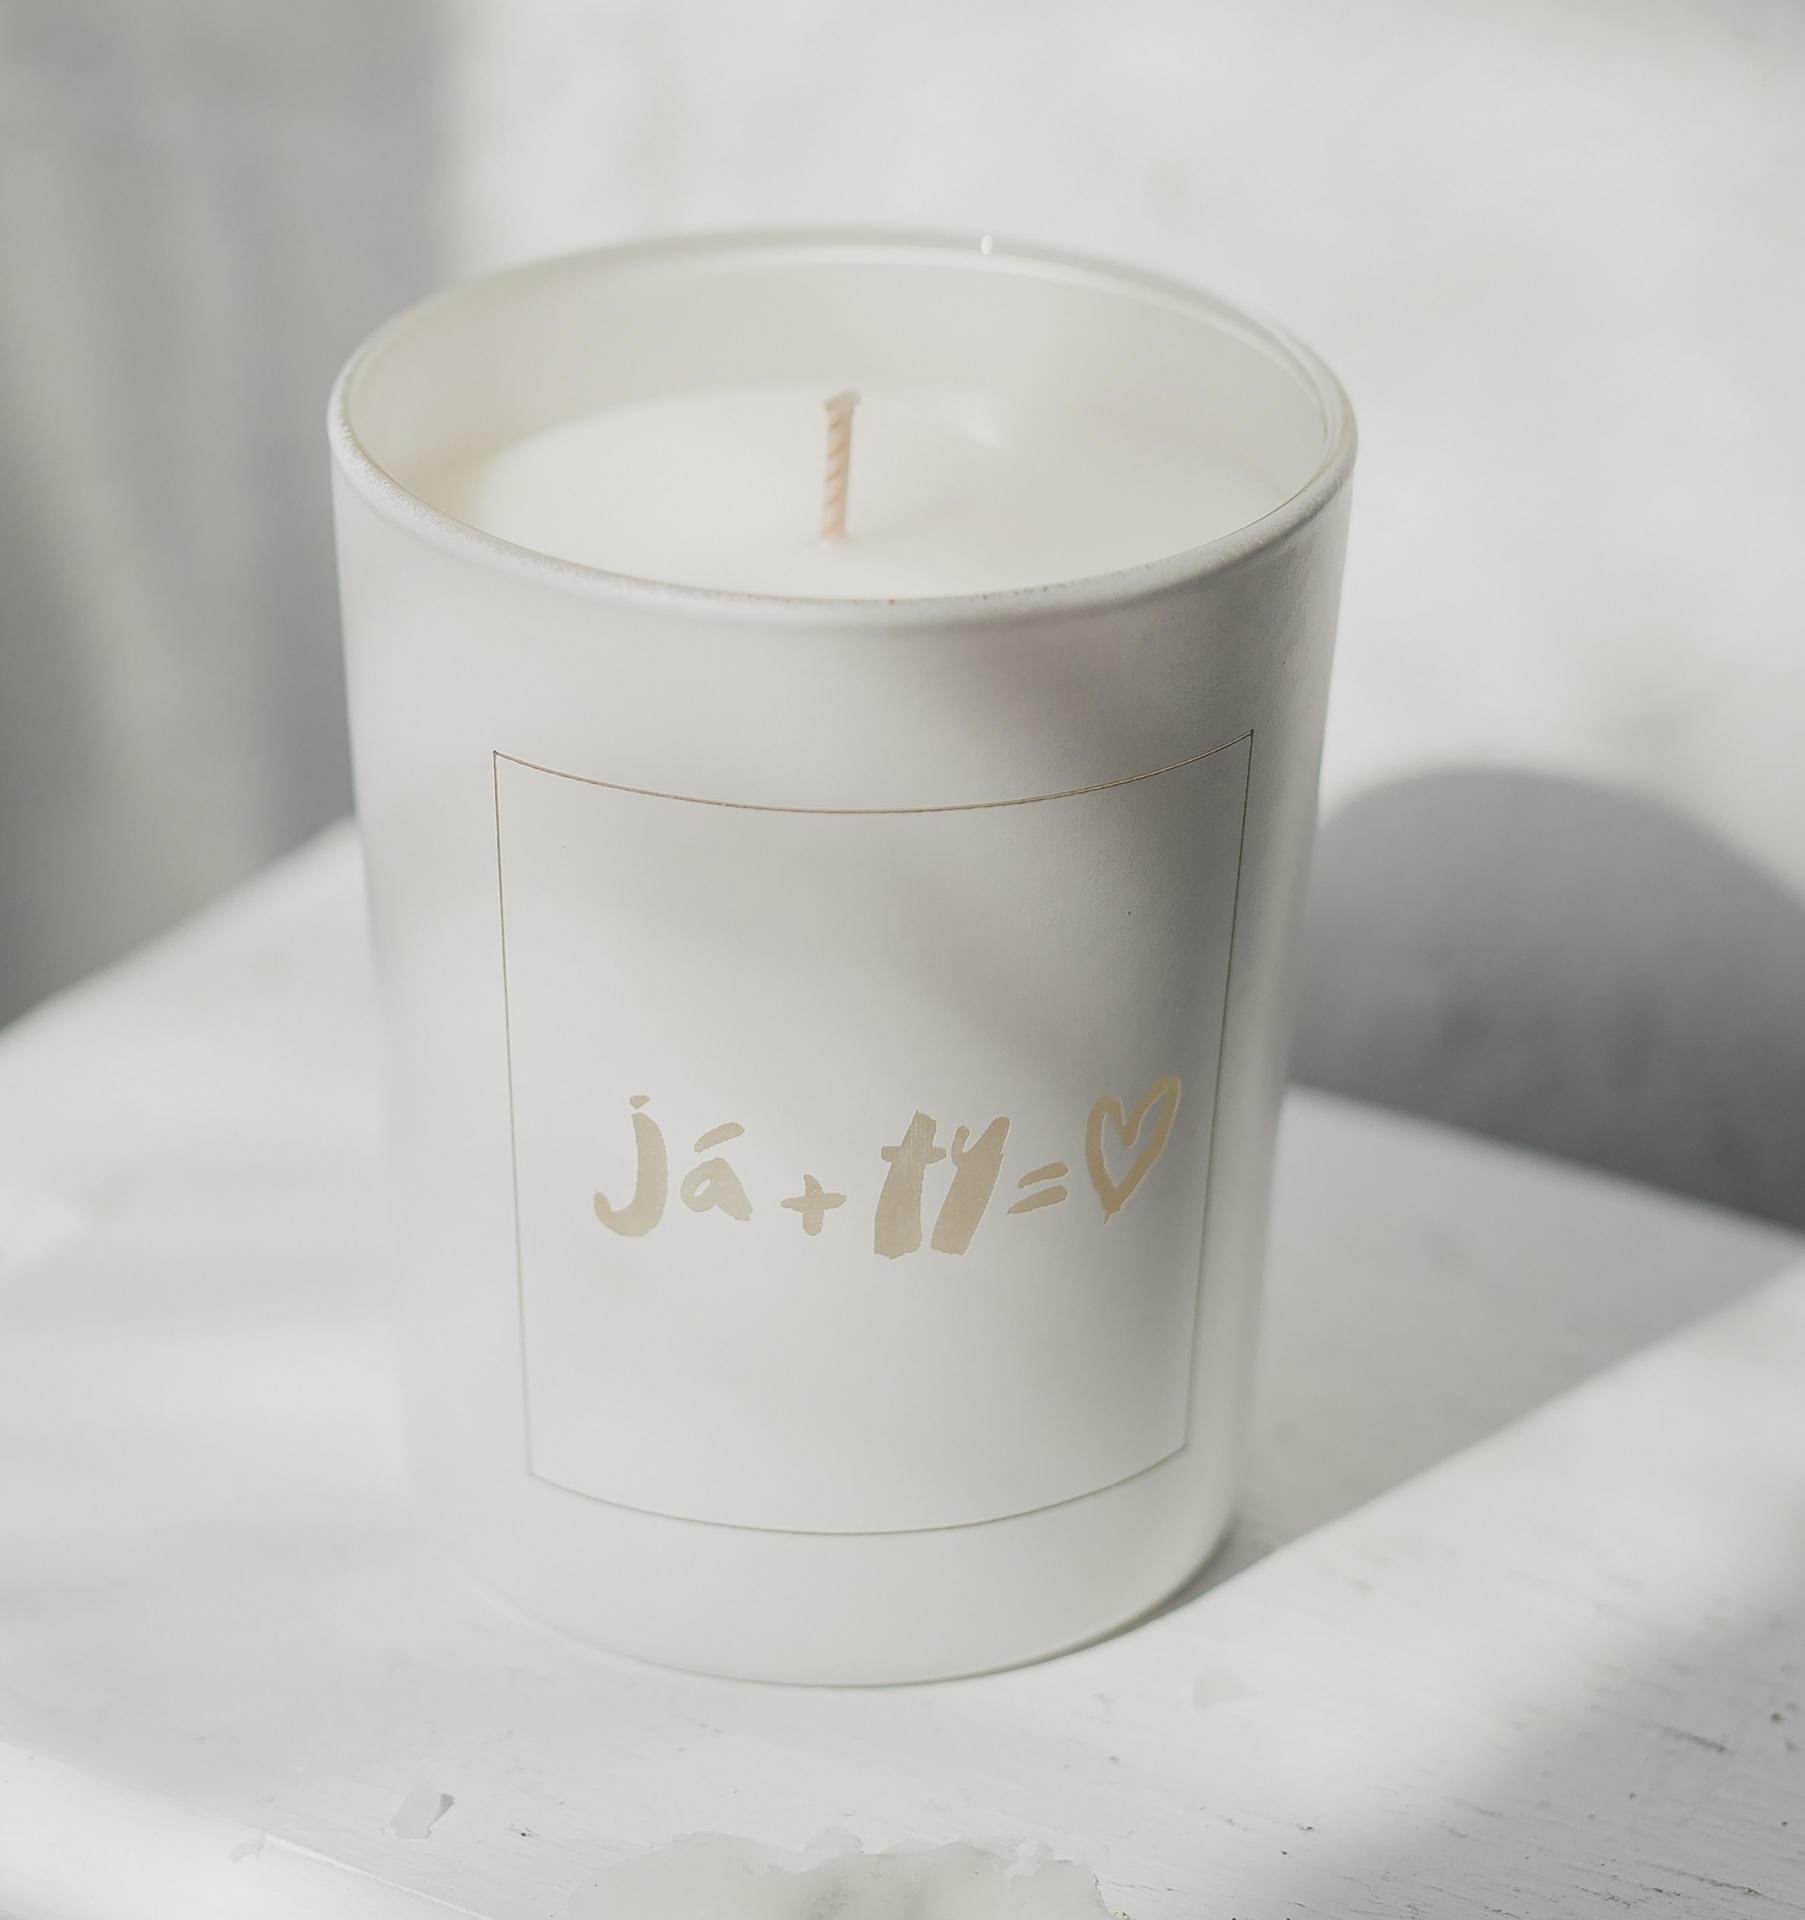 Love Inc. Bílá svíčka Já + Ty = ♥ - fíky a růže, bílá barva, sklo, dřevo, vosk